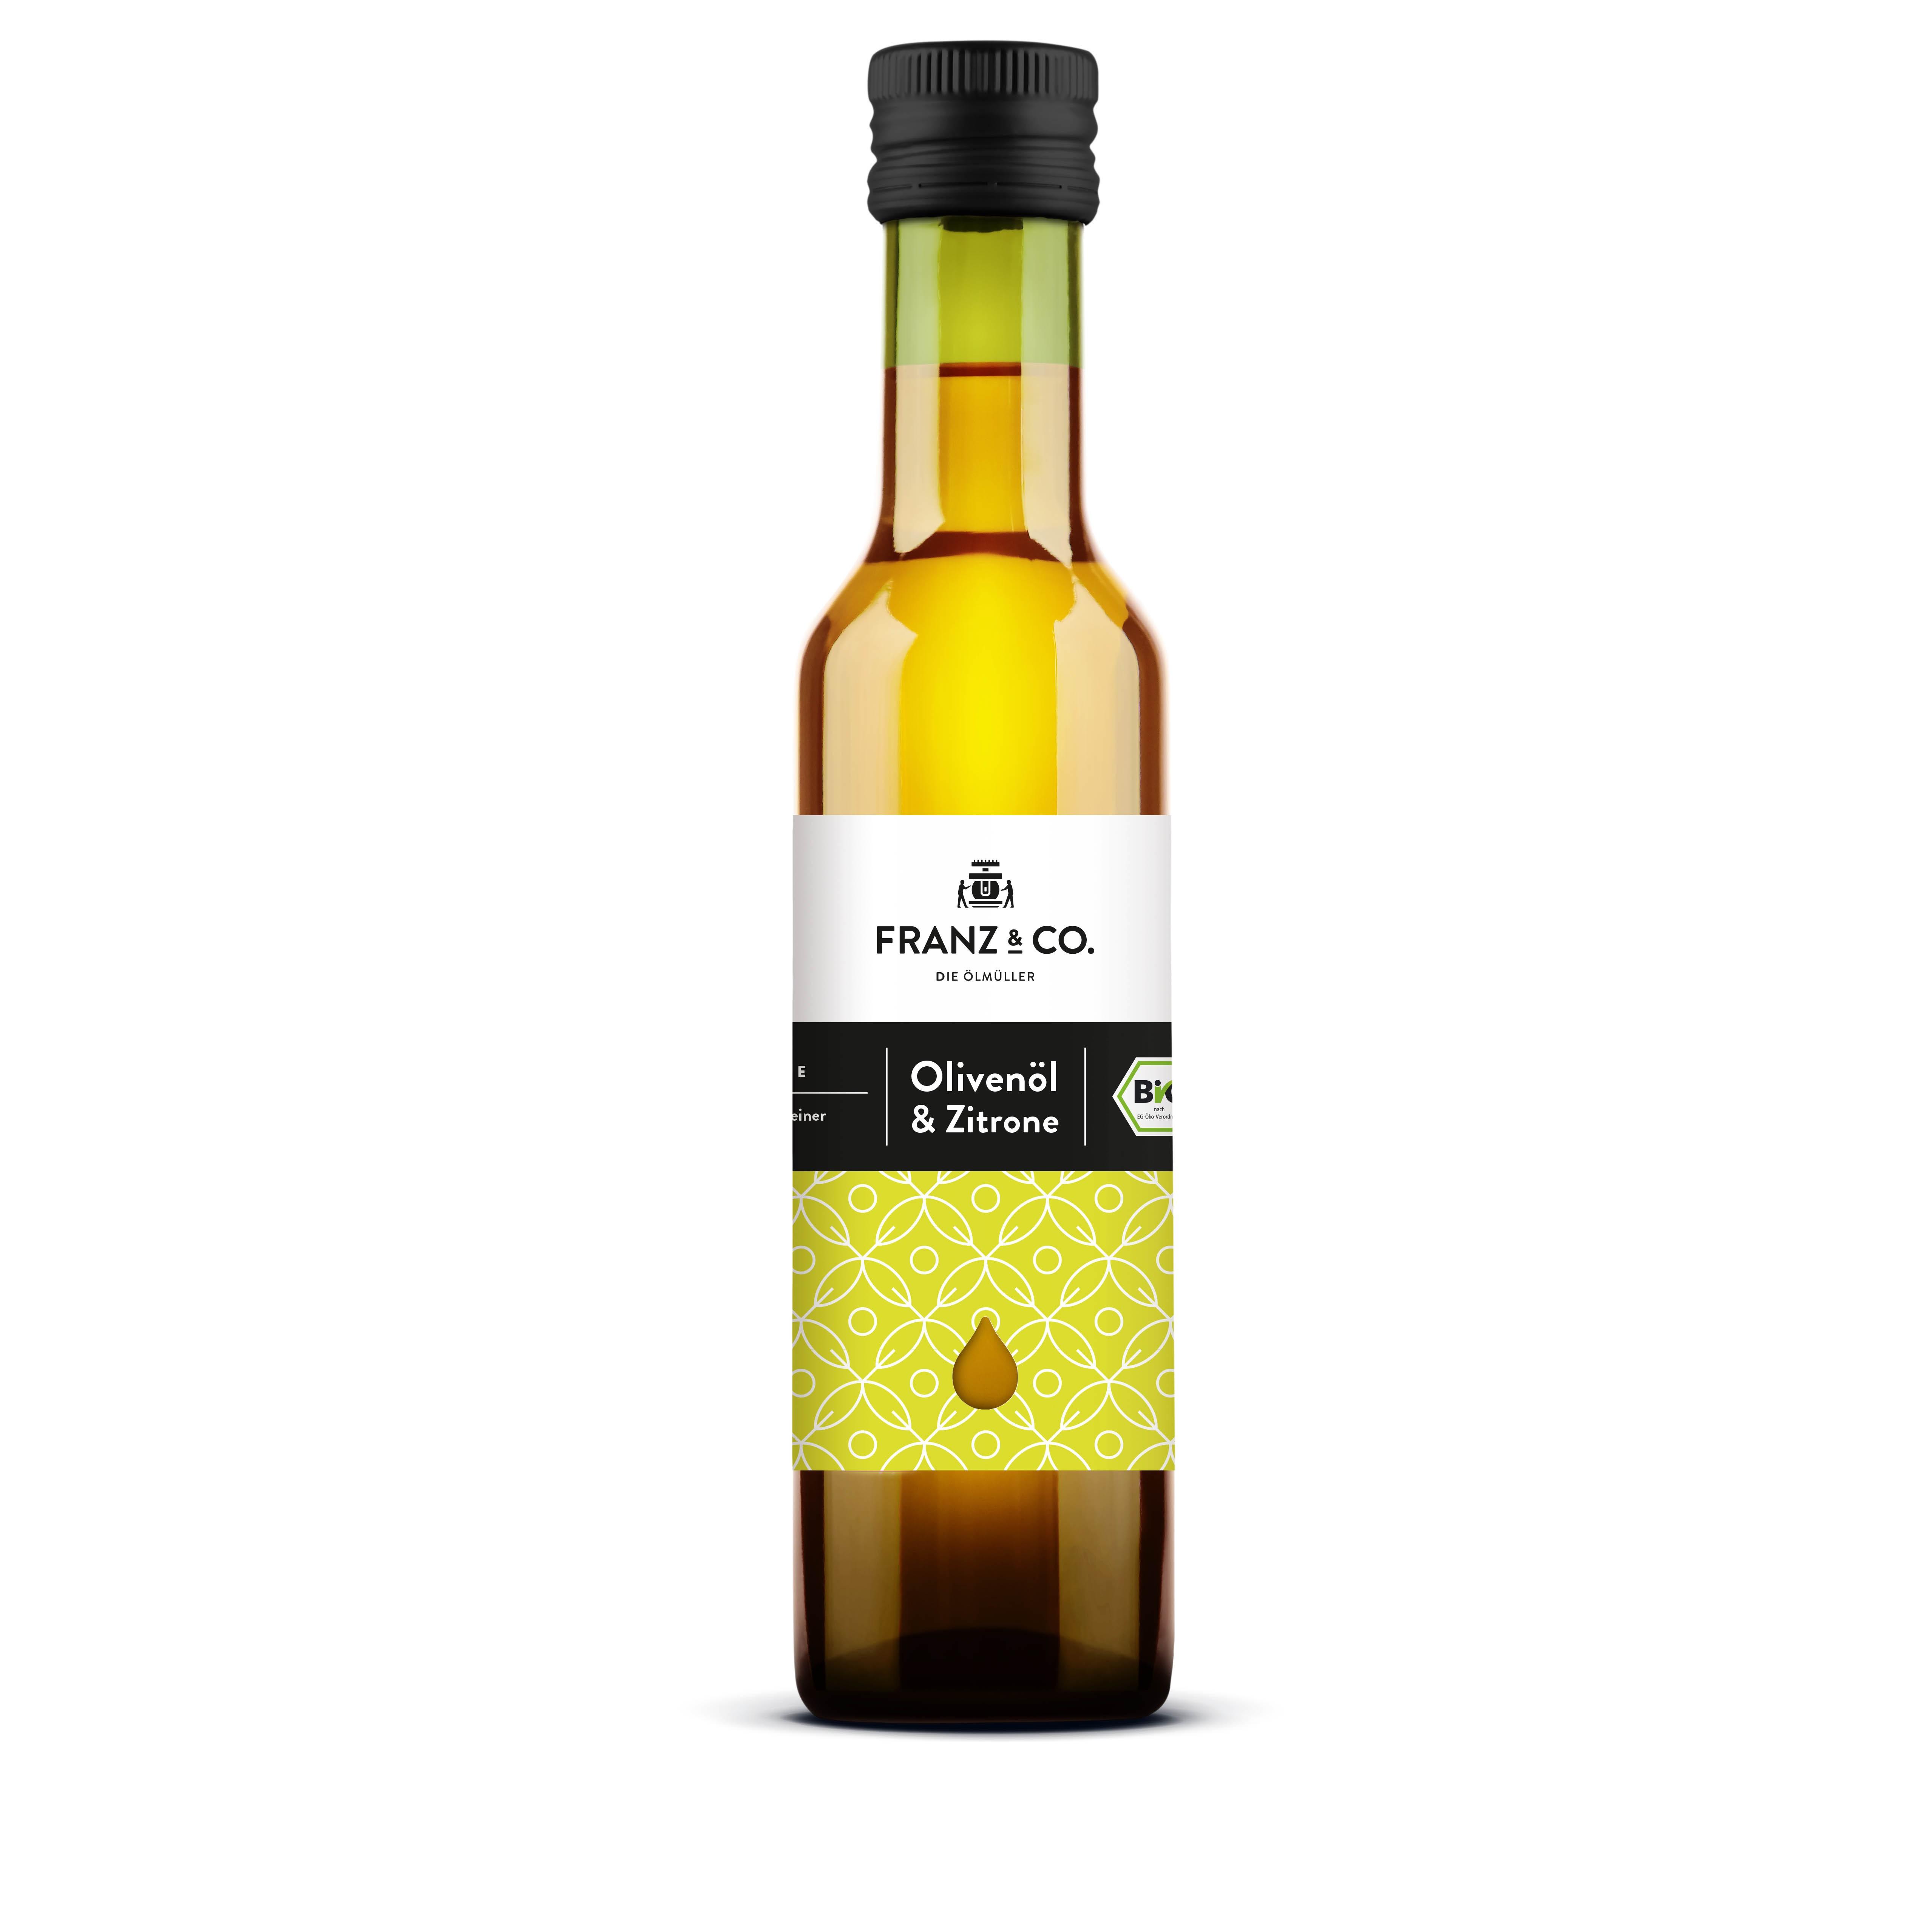 Franz & Co BIO Olivenöl mit Zitrone 250ml